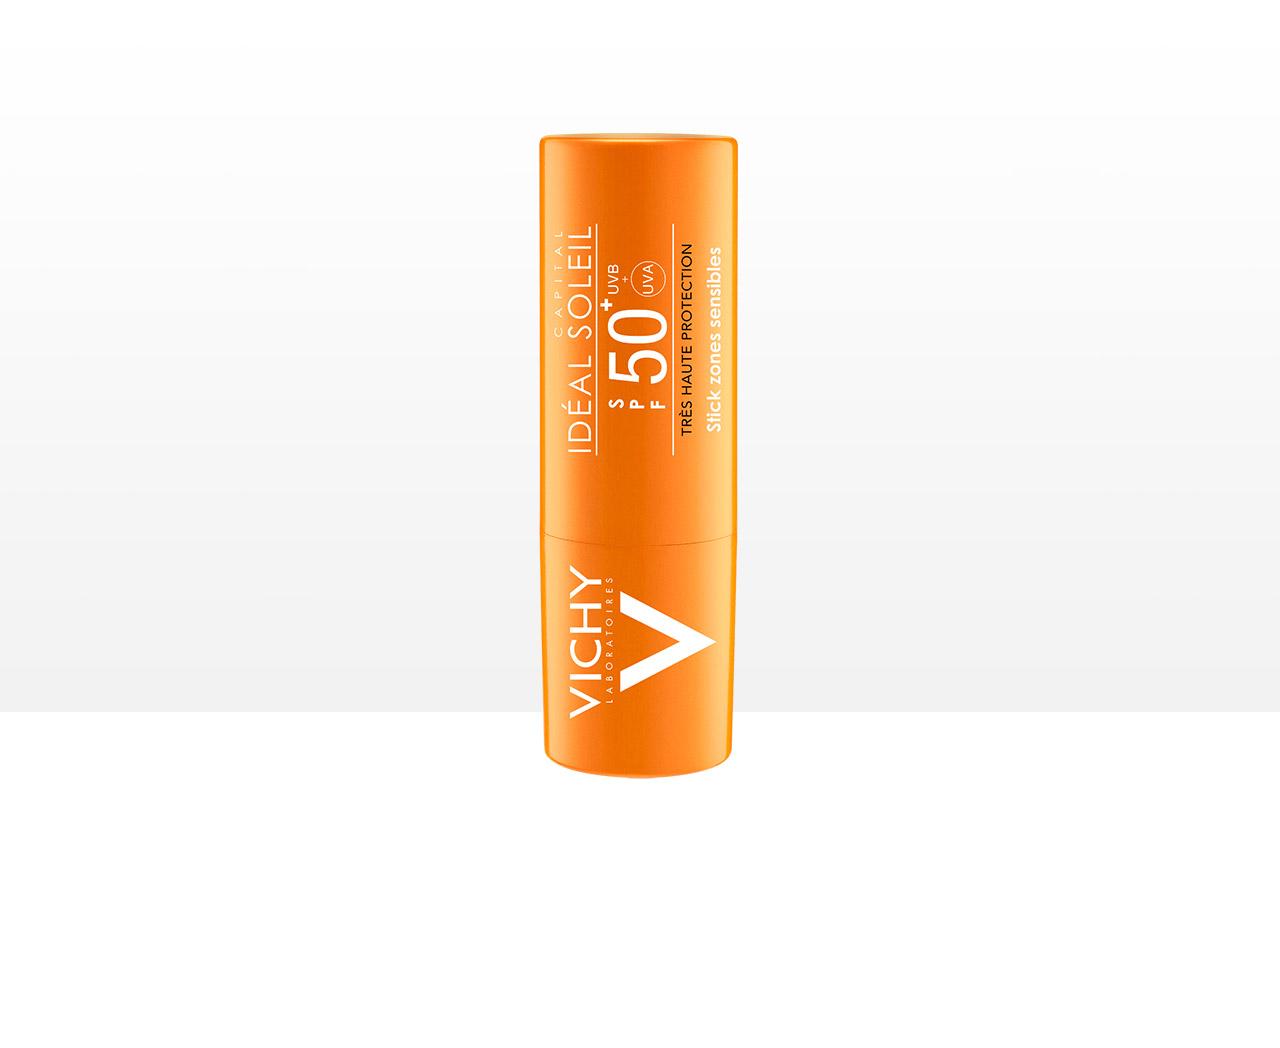 Stick für empfindliche Hautpartien LSF 50+